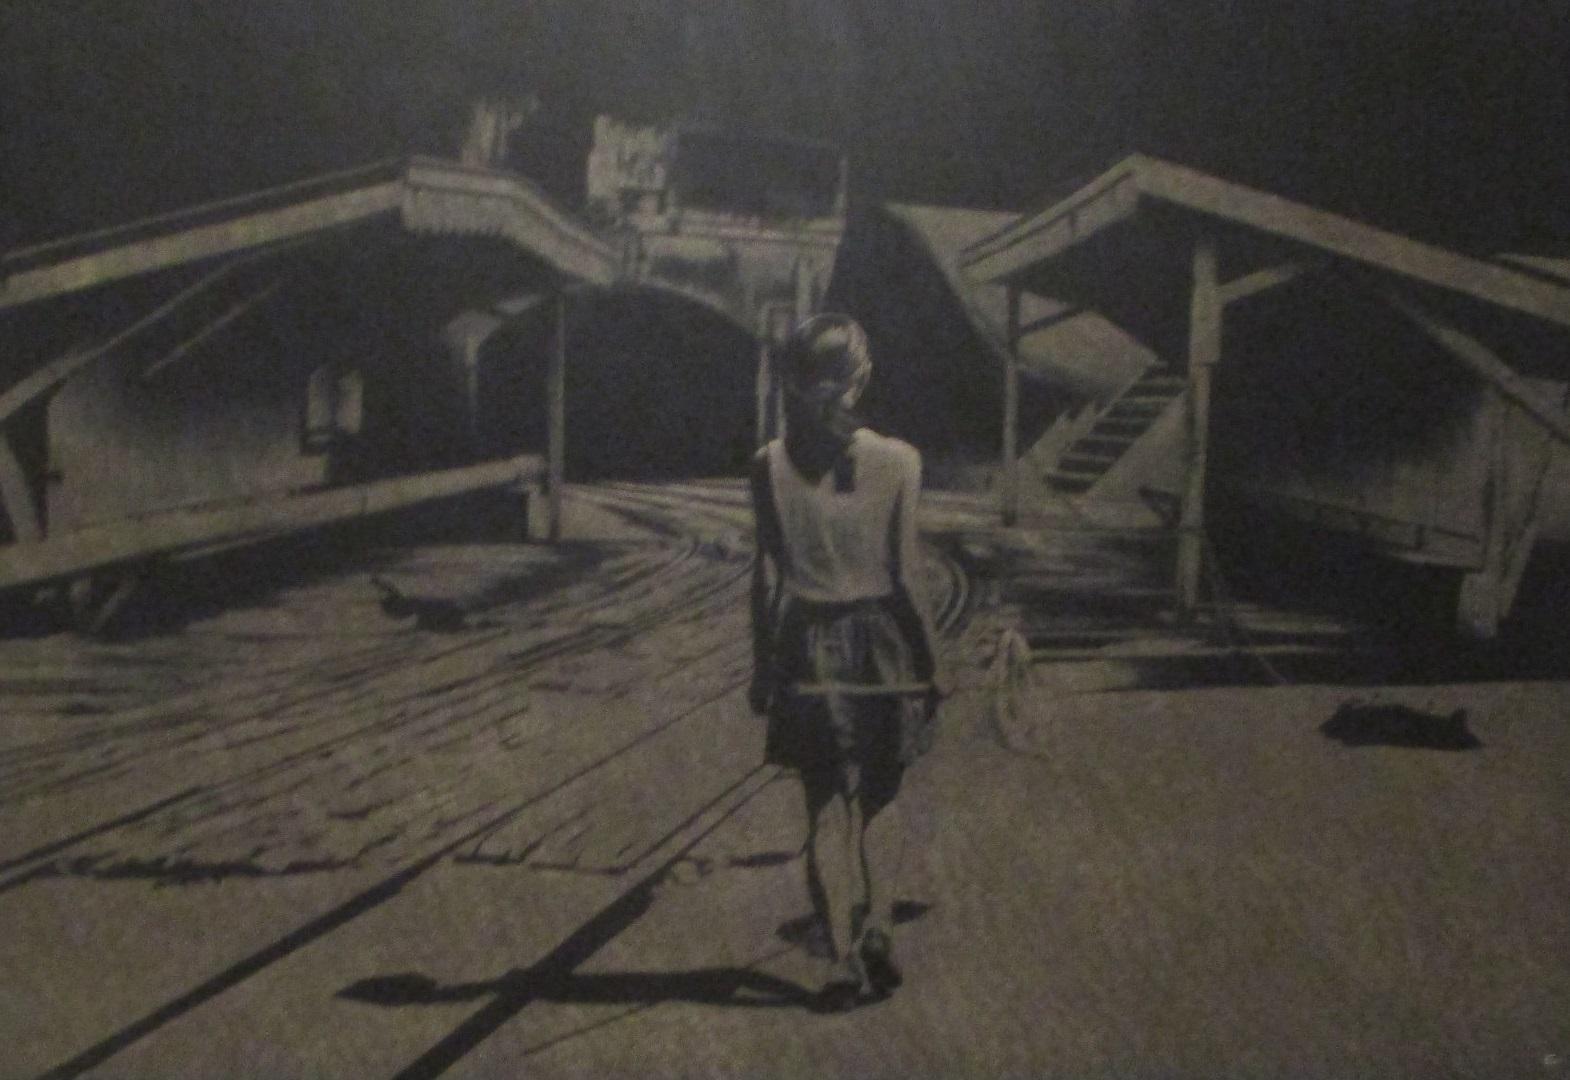 2020.2.13 (5) 八島正明さん『たもをもつ少女のおる風景』 1570-1080